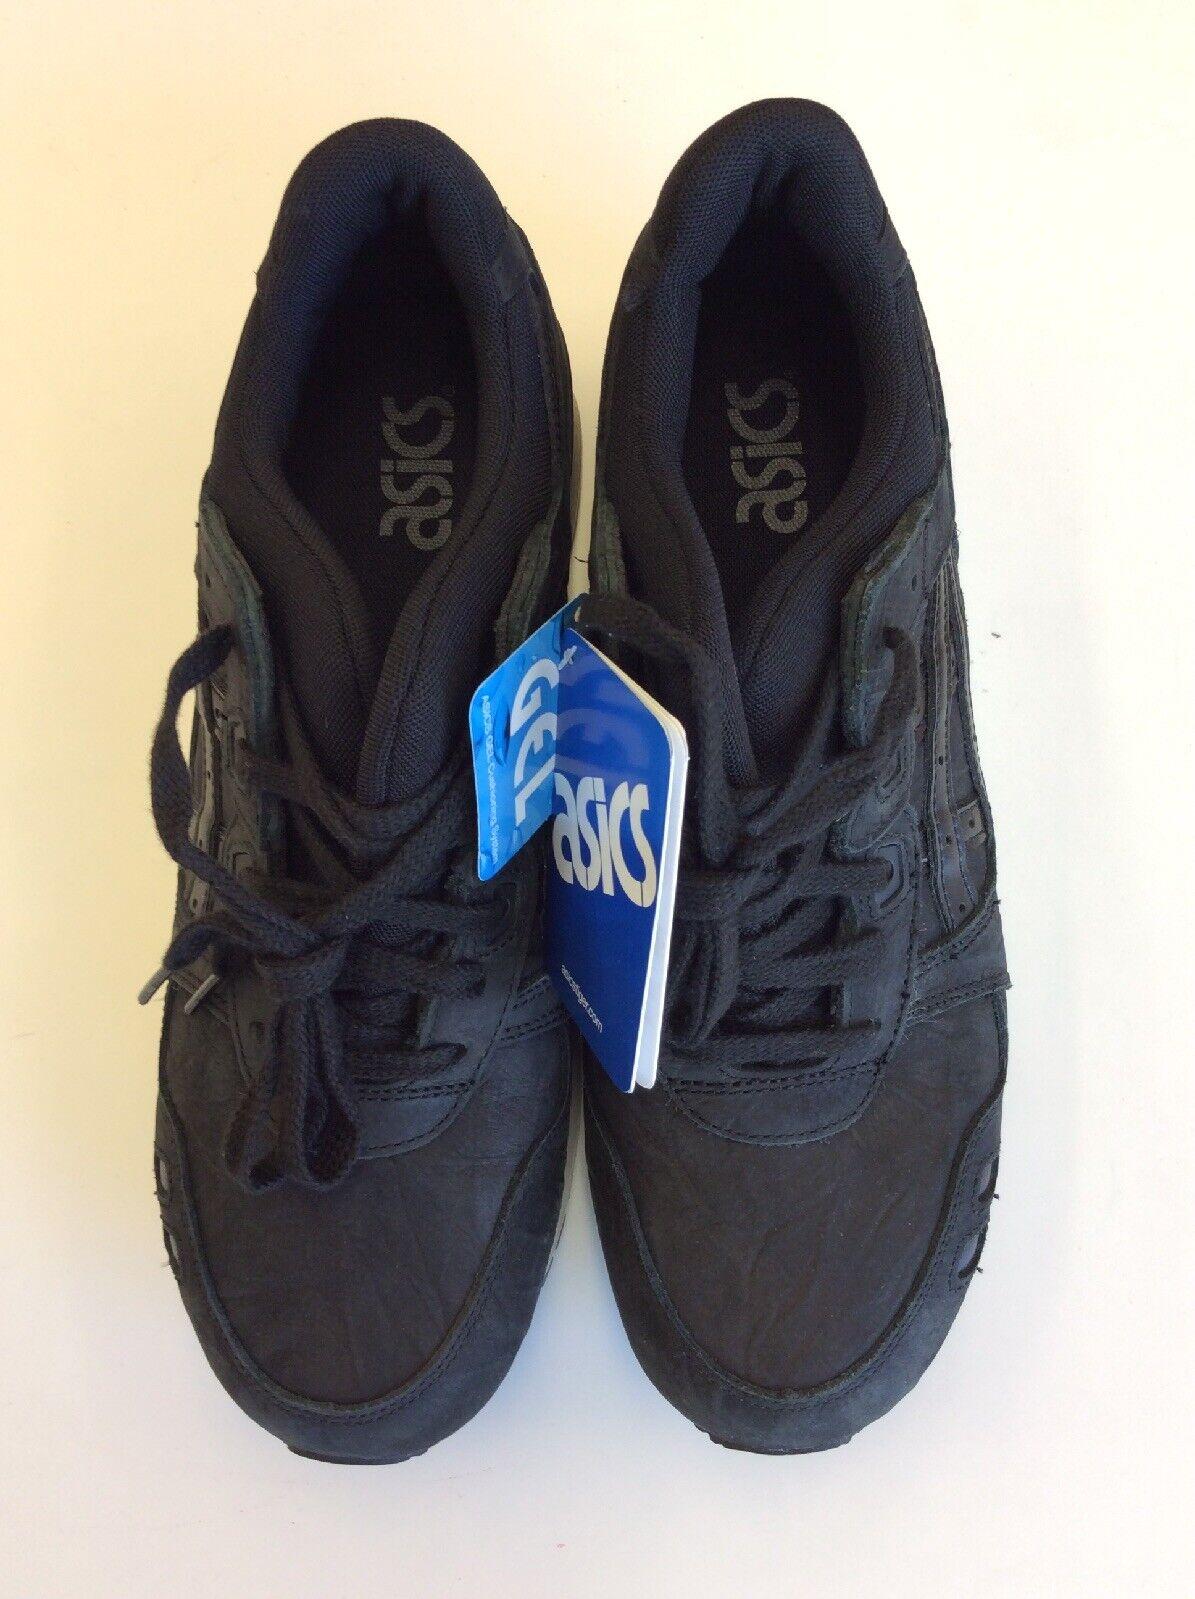 ASICS Men GEL-Lyte III Running shoes HL7V3 Black Size 9